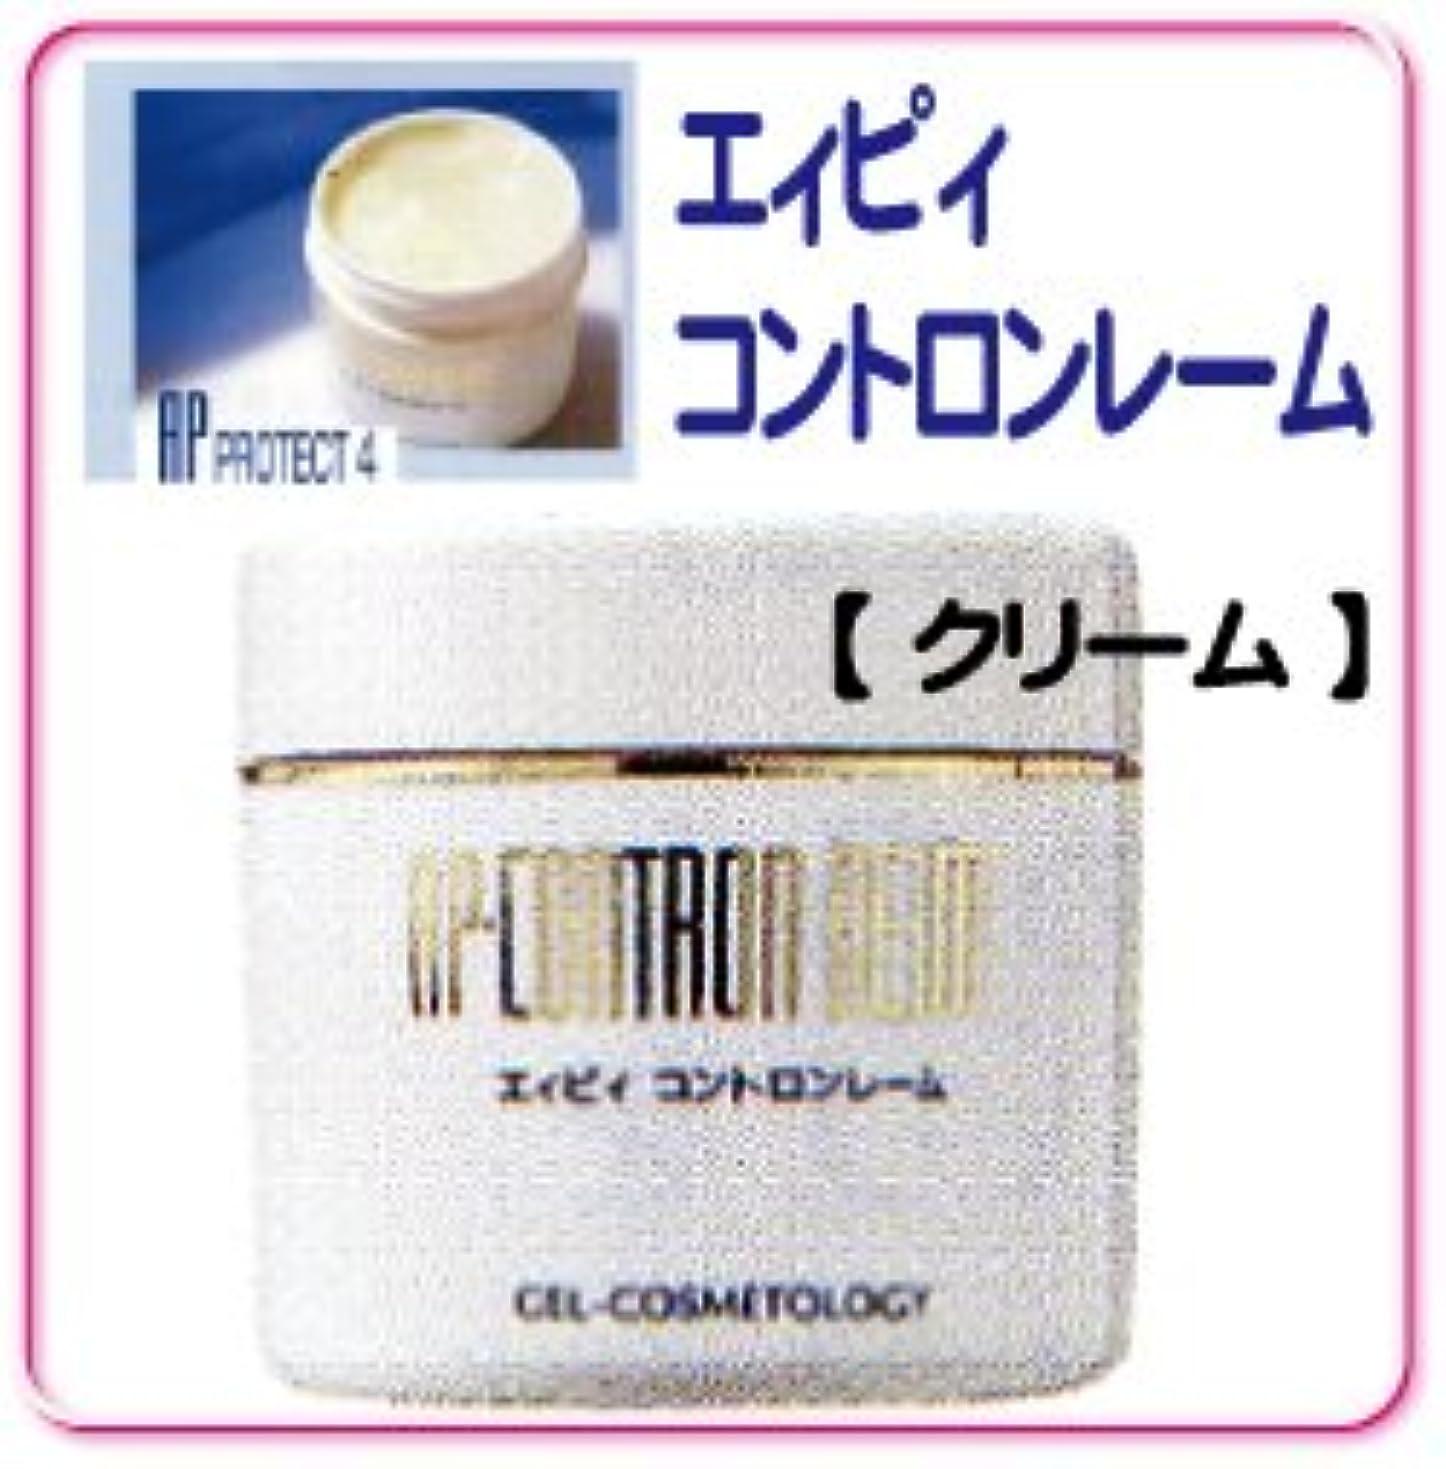 見せますうそつきウェイトレスベルマン化粧品 APprotectシリーズ  コントロンレーム  敏感肌用クリーム 110g